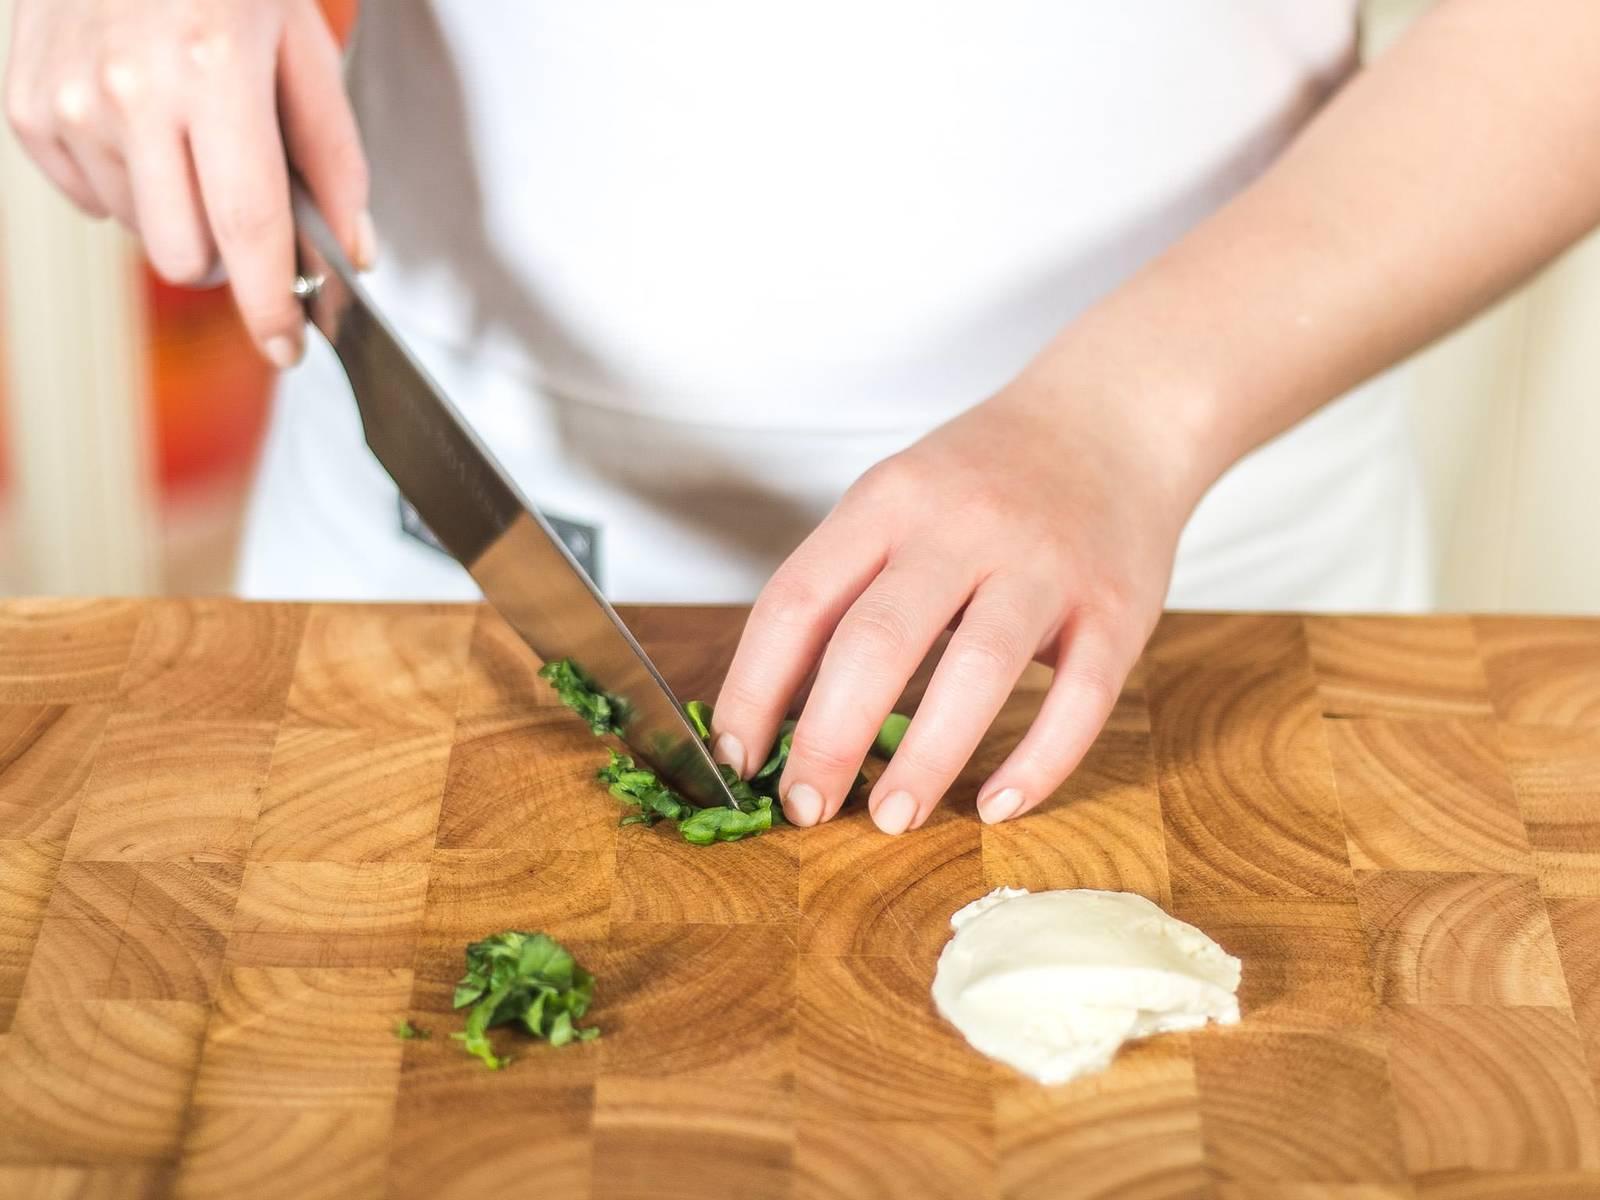 将烤箱预热至180摄氏度。马苏里拉奶酪切薄片,罗勒切细丝。